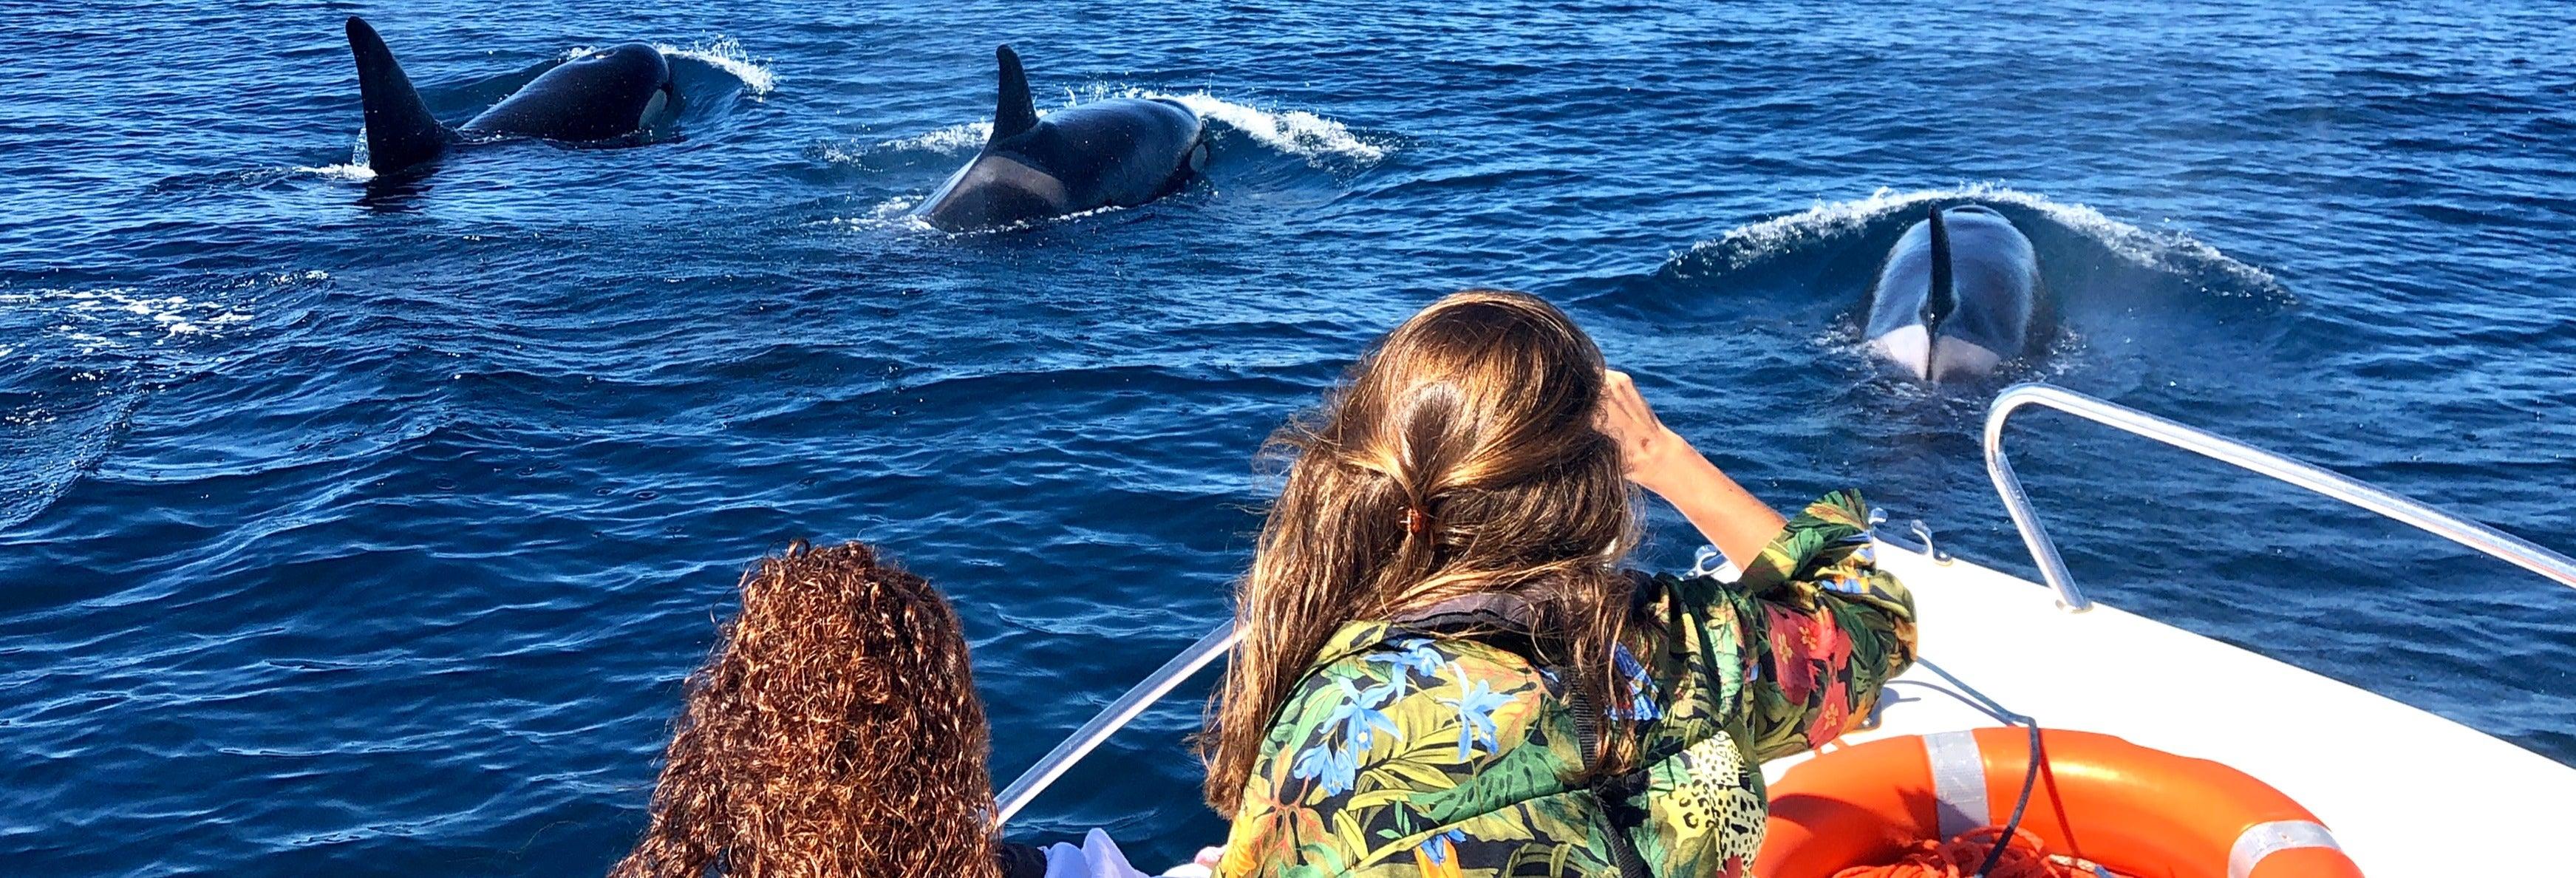 Avistamento de golfinhos em Faro